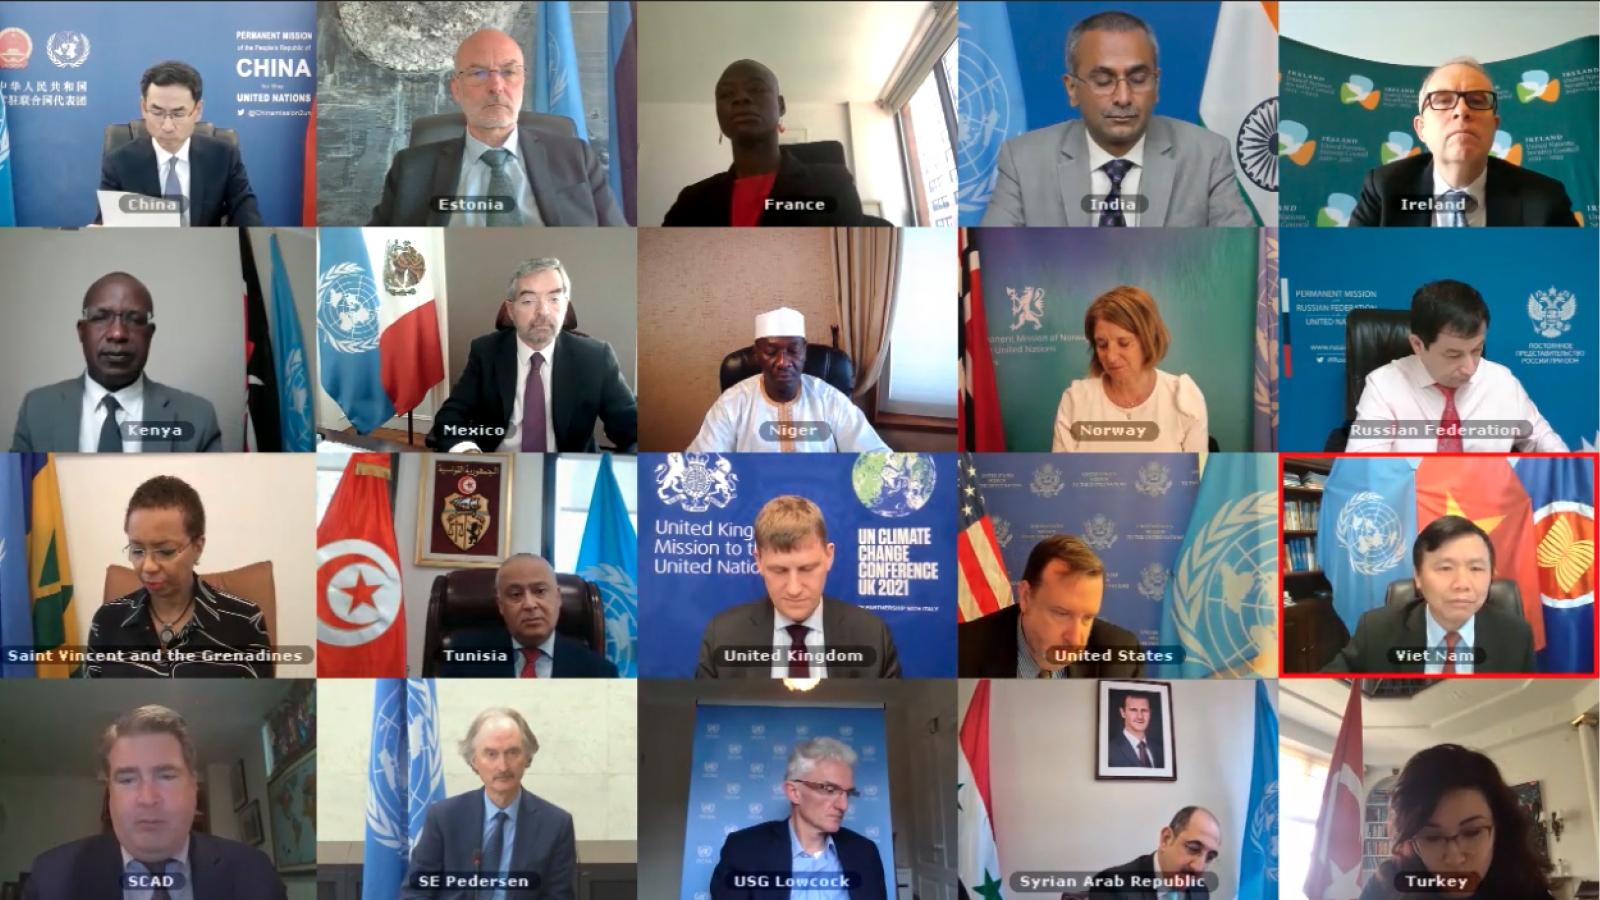 Hội đồng Bảo an Liên Hợp Quốc họp định kỳ về tình hình Syria